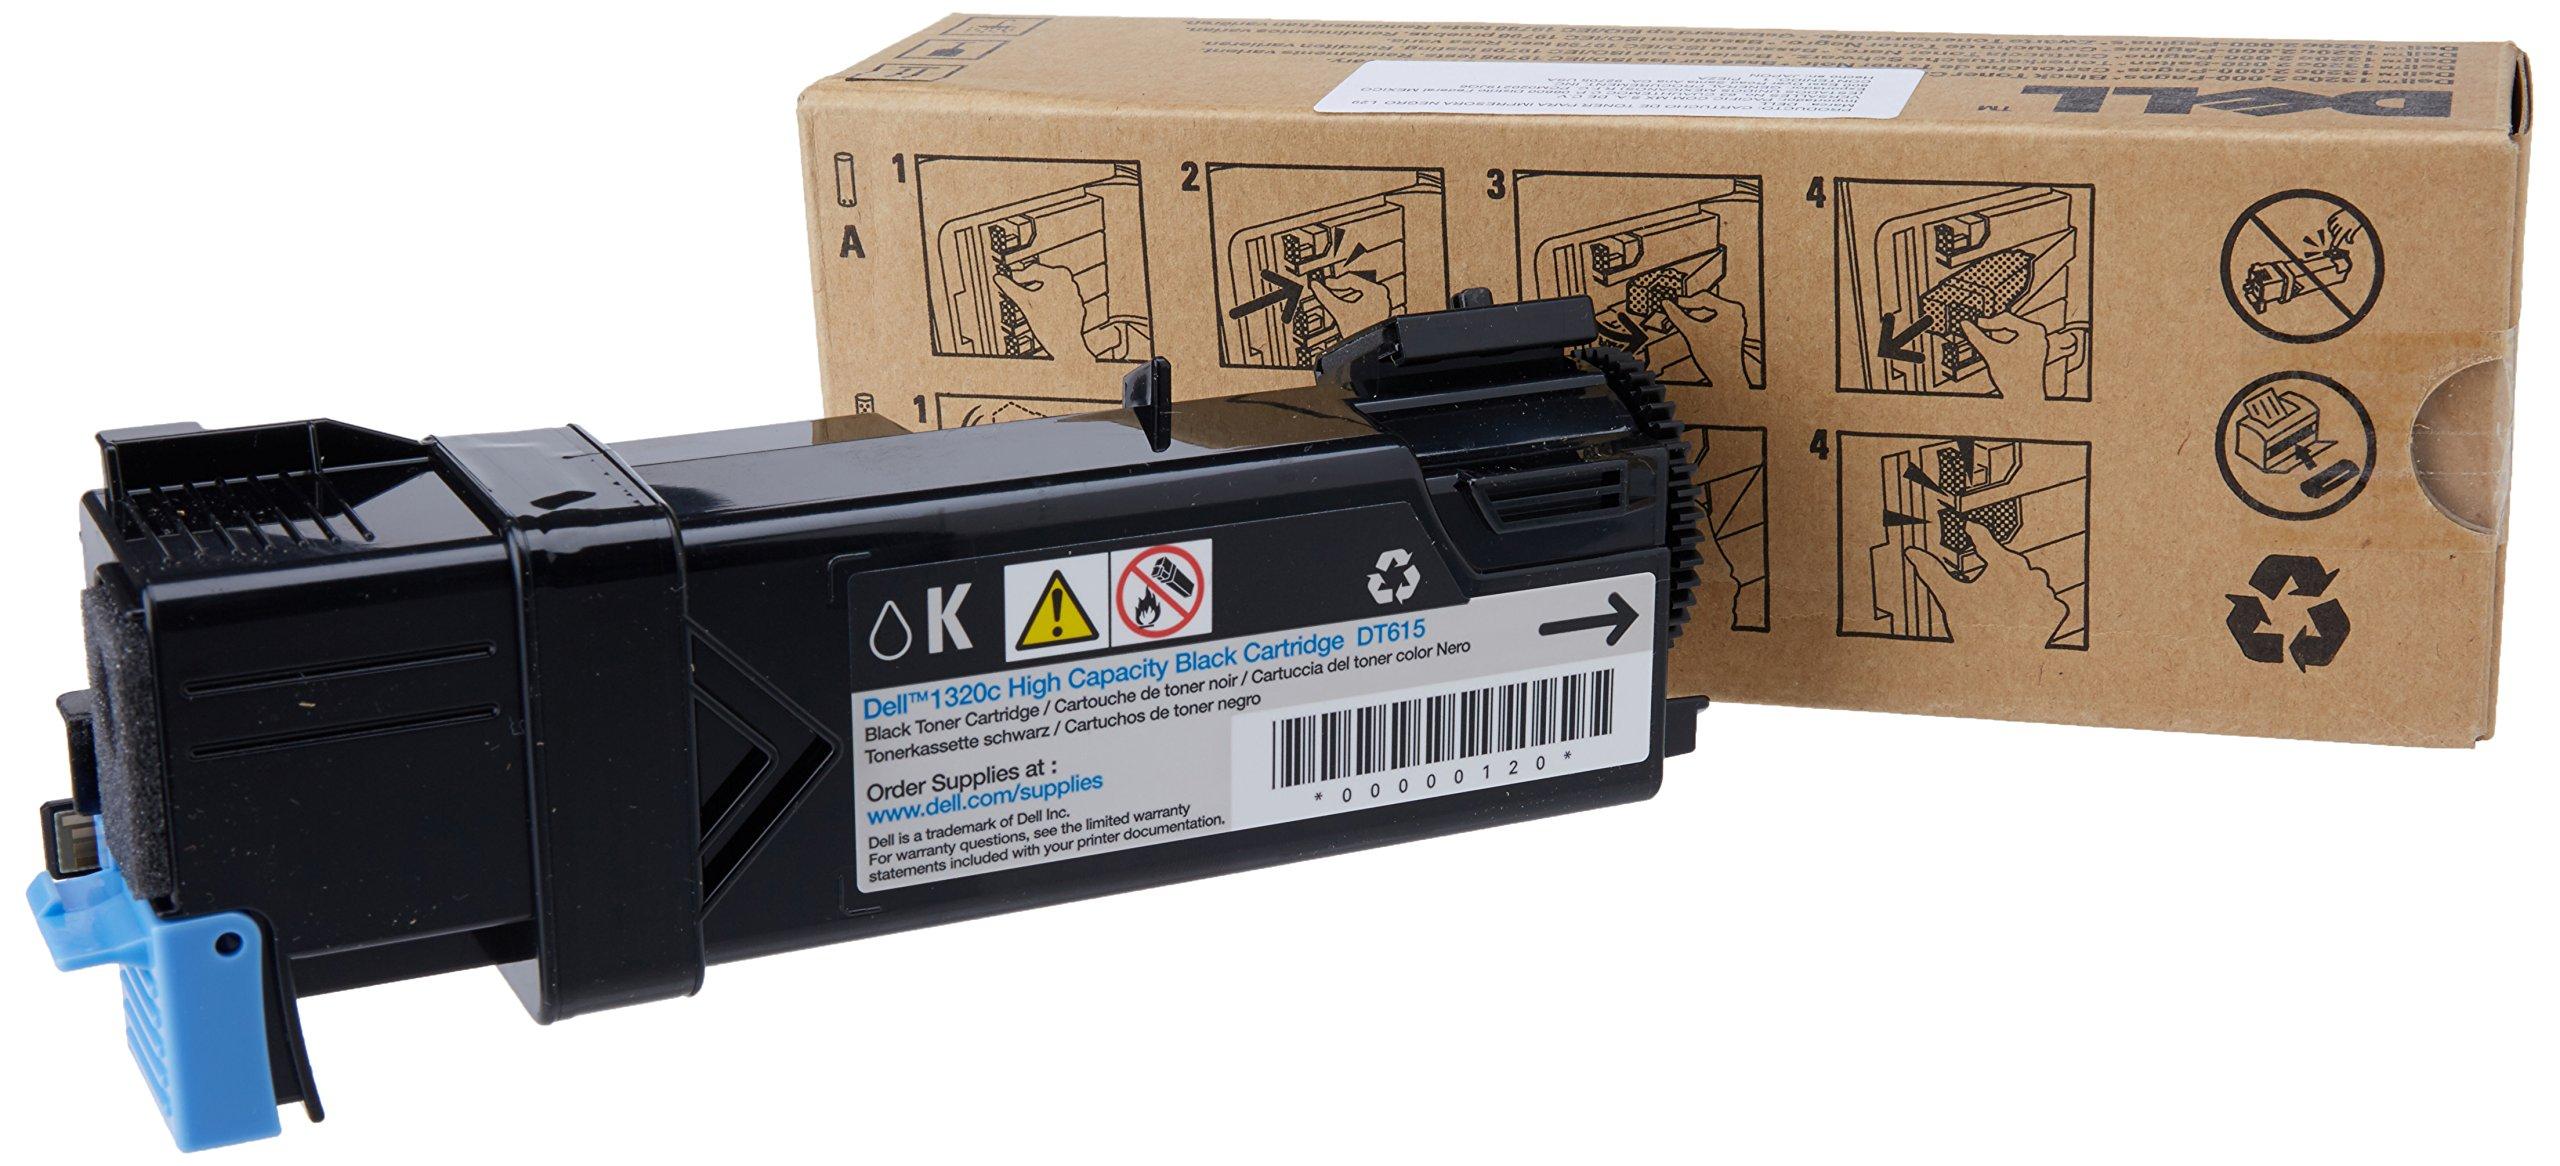 Toner Original Dell Dt615 Black 1320c Color Laser